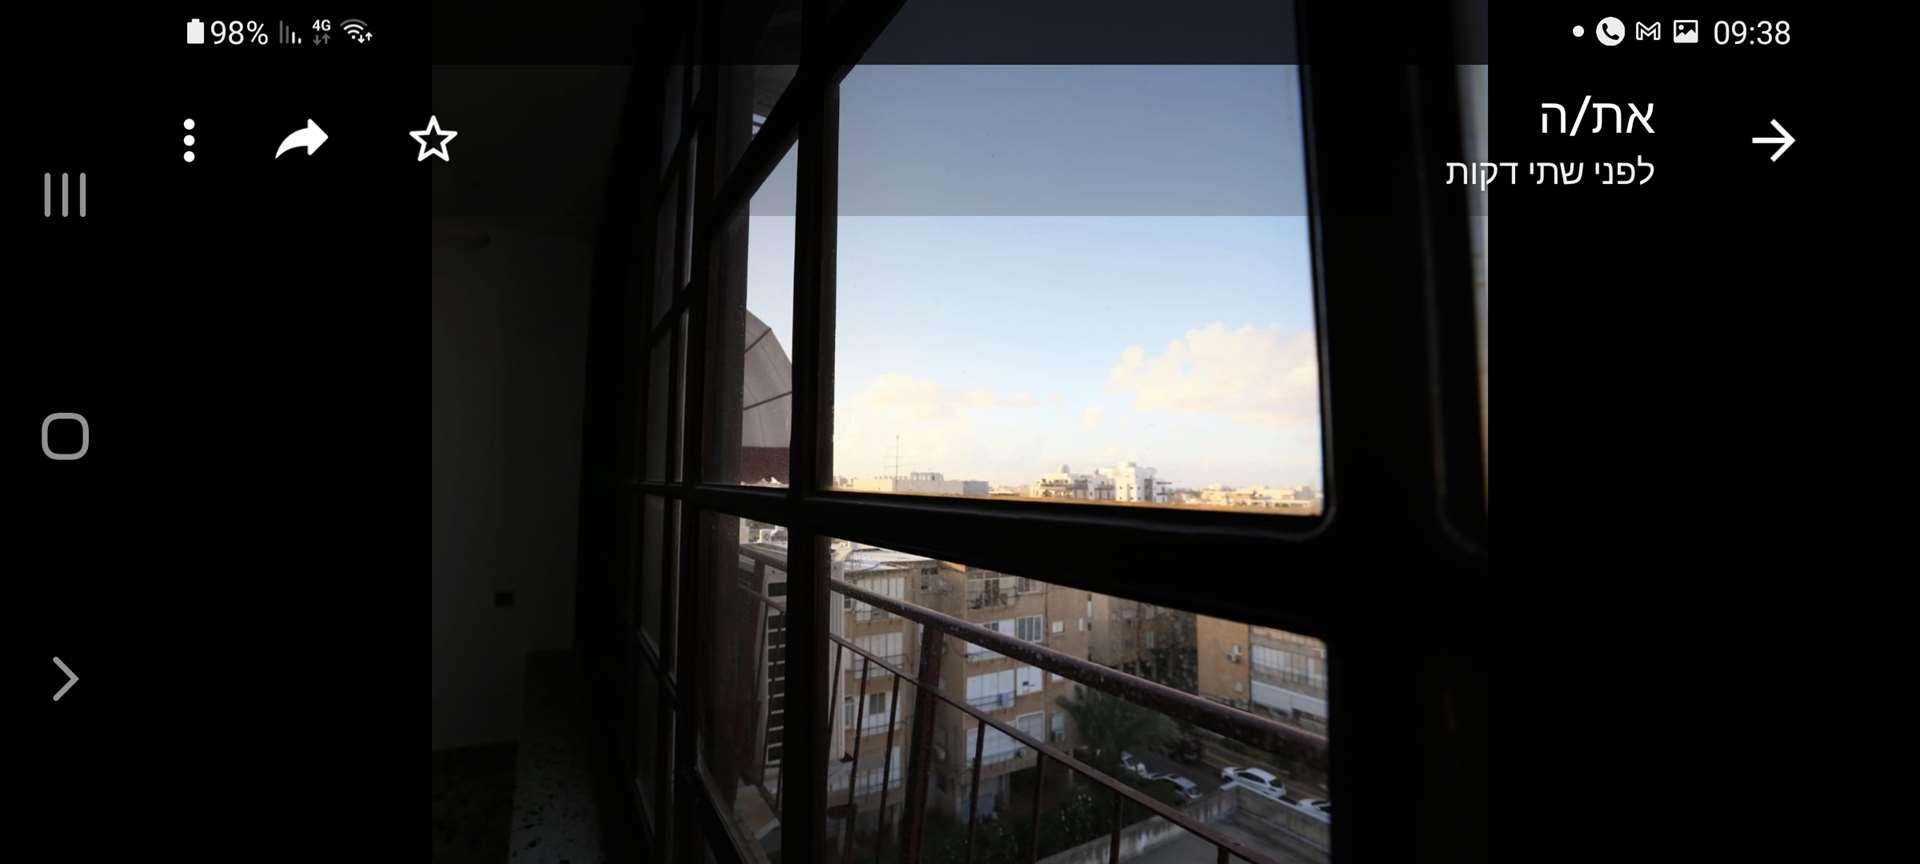 דירה להשכרה 4.5 חדרים בראשון לציון צבי הירשפלד רמז